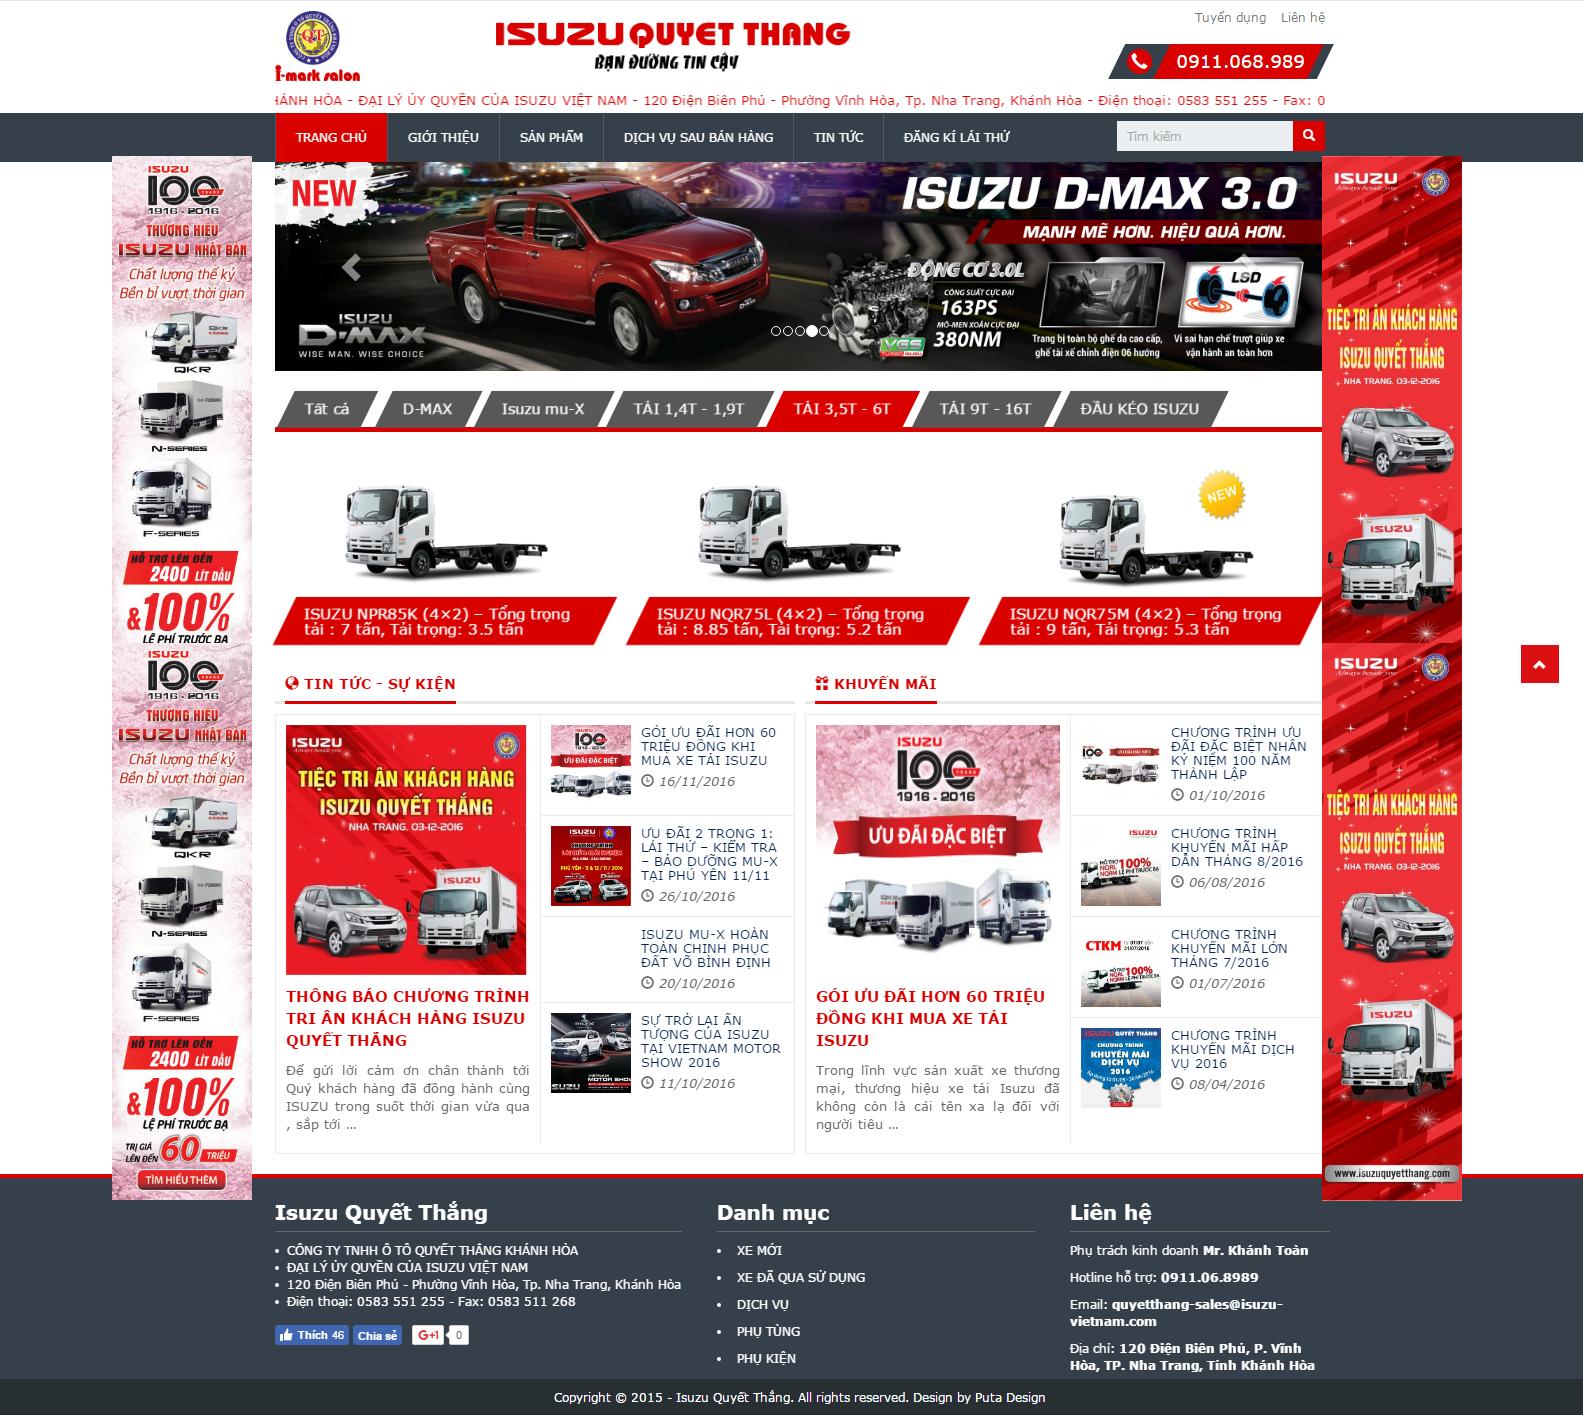 Dự án thiết kế web nha trang